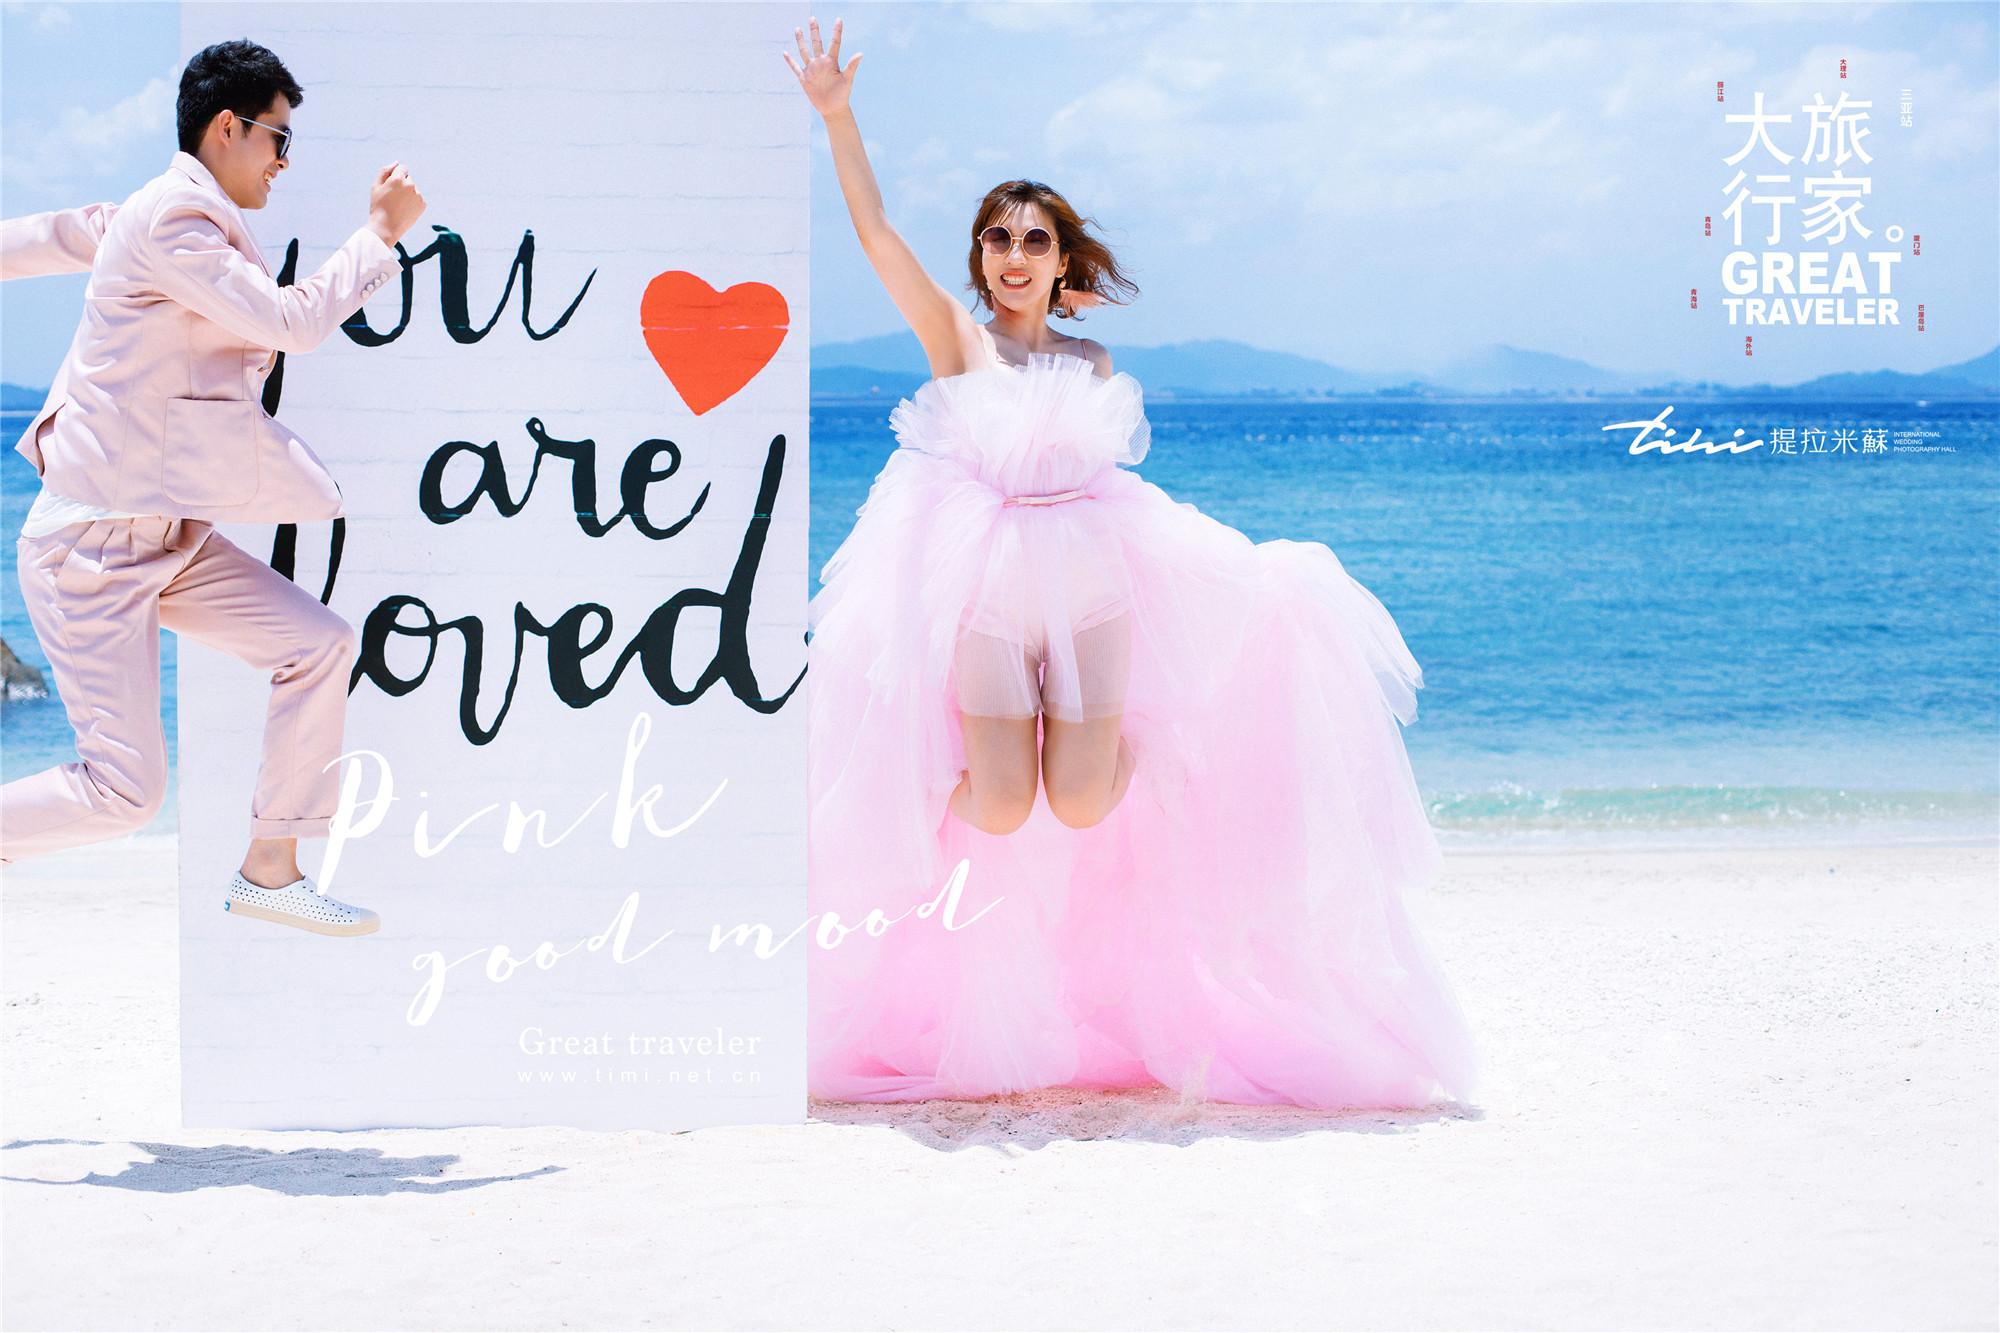 去巴厘岛拍婚纱照的攻略